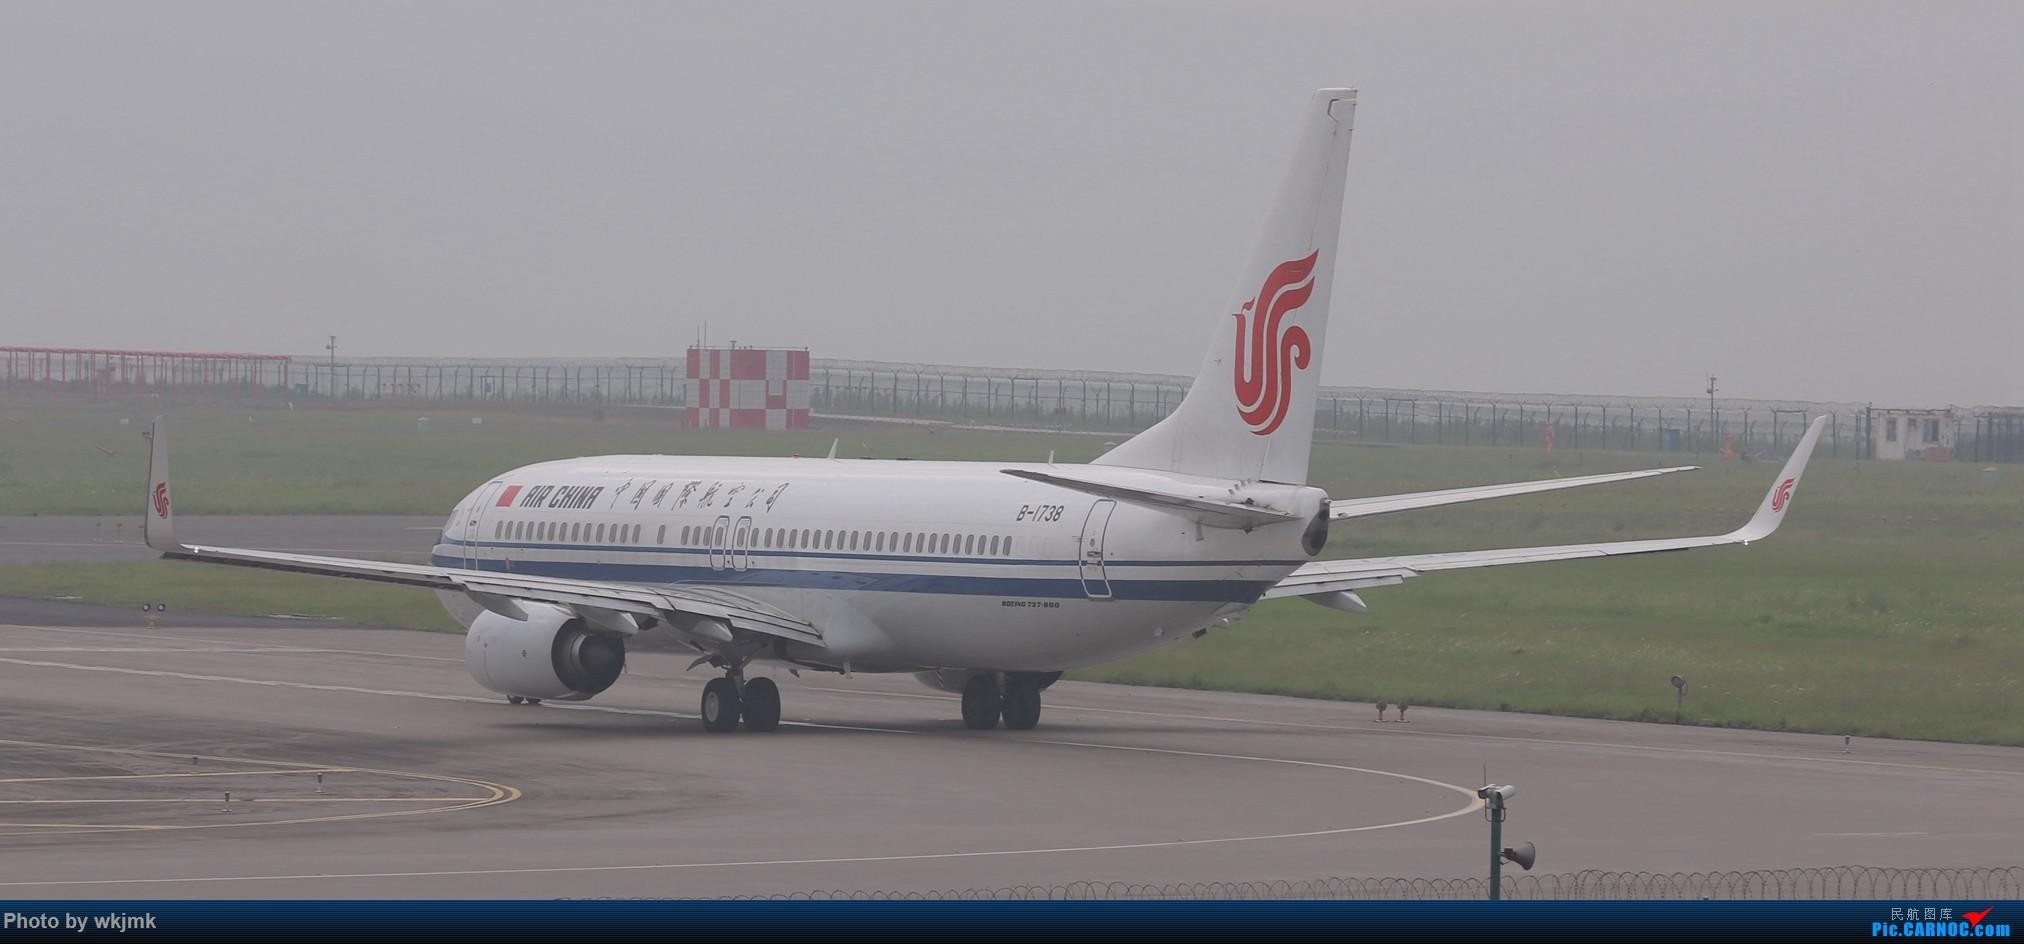 Re:[原创]西宁,成都,重庆三地拍机 BOEING 737-800 B-1738 中国重庆江北国际机场